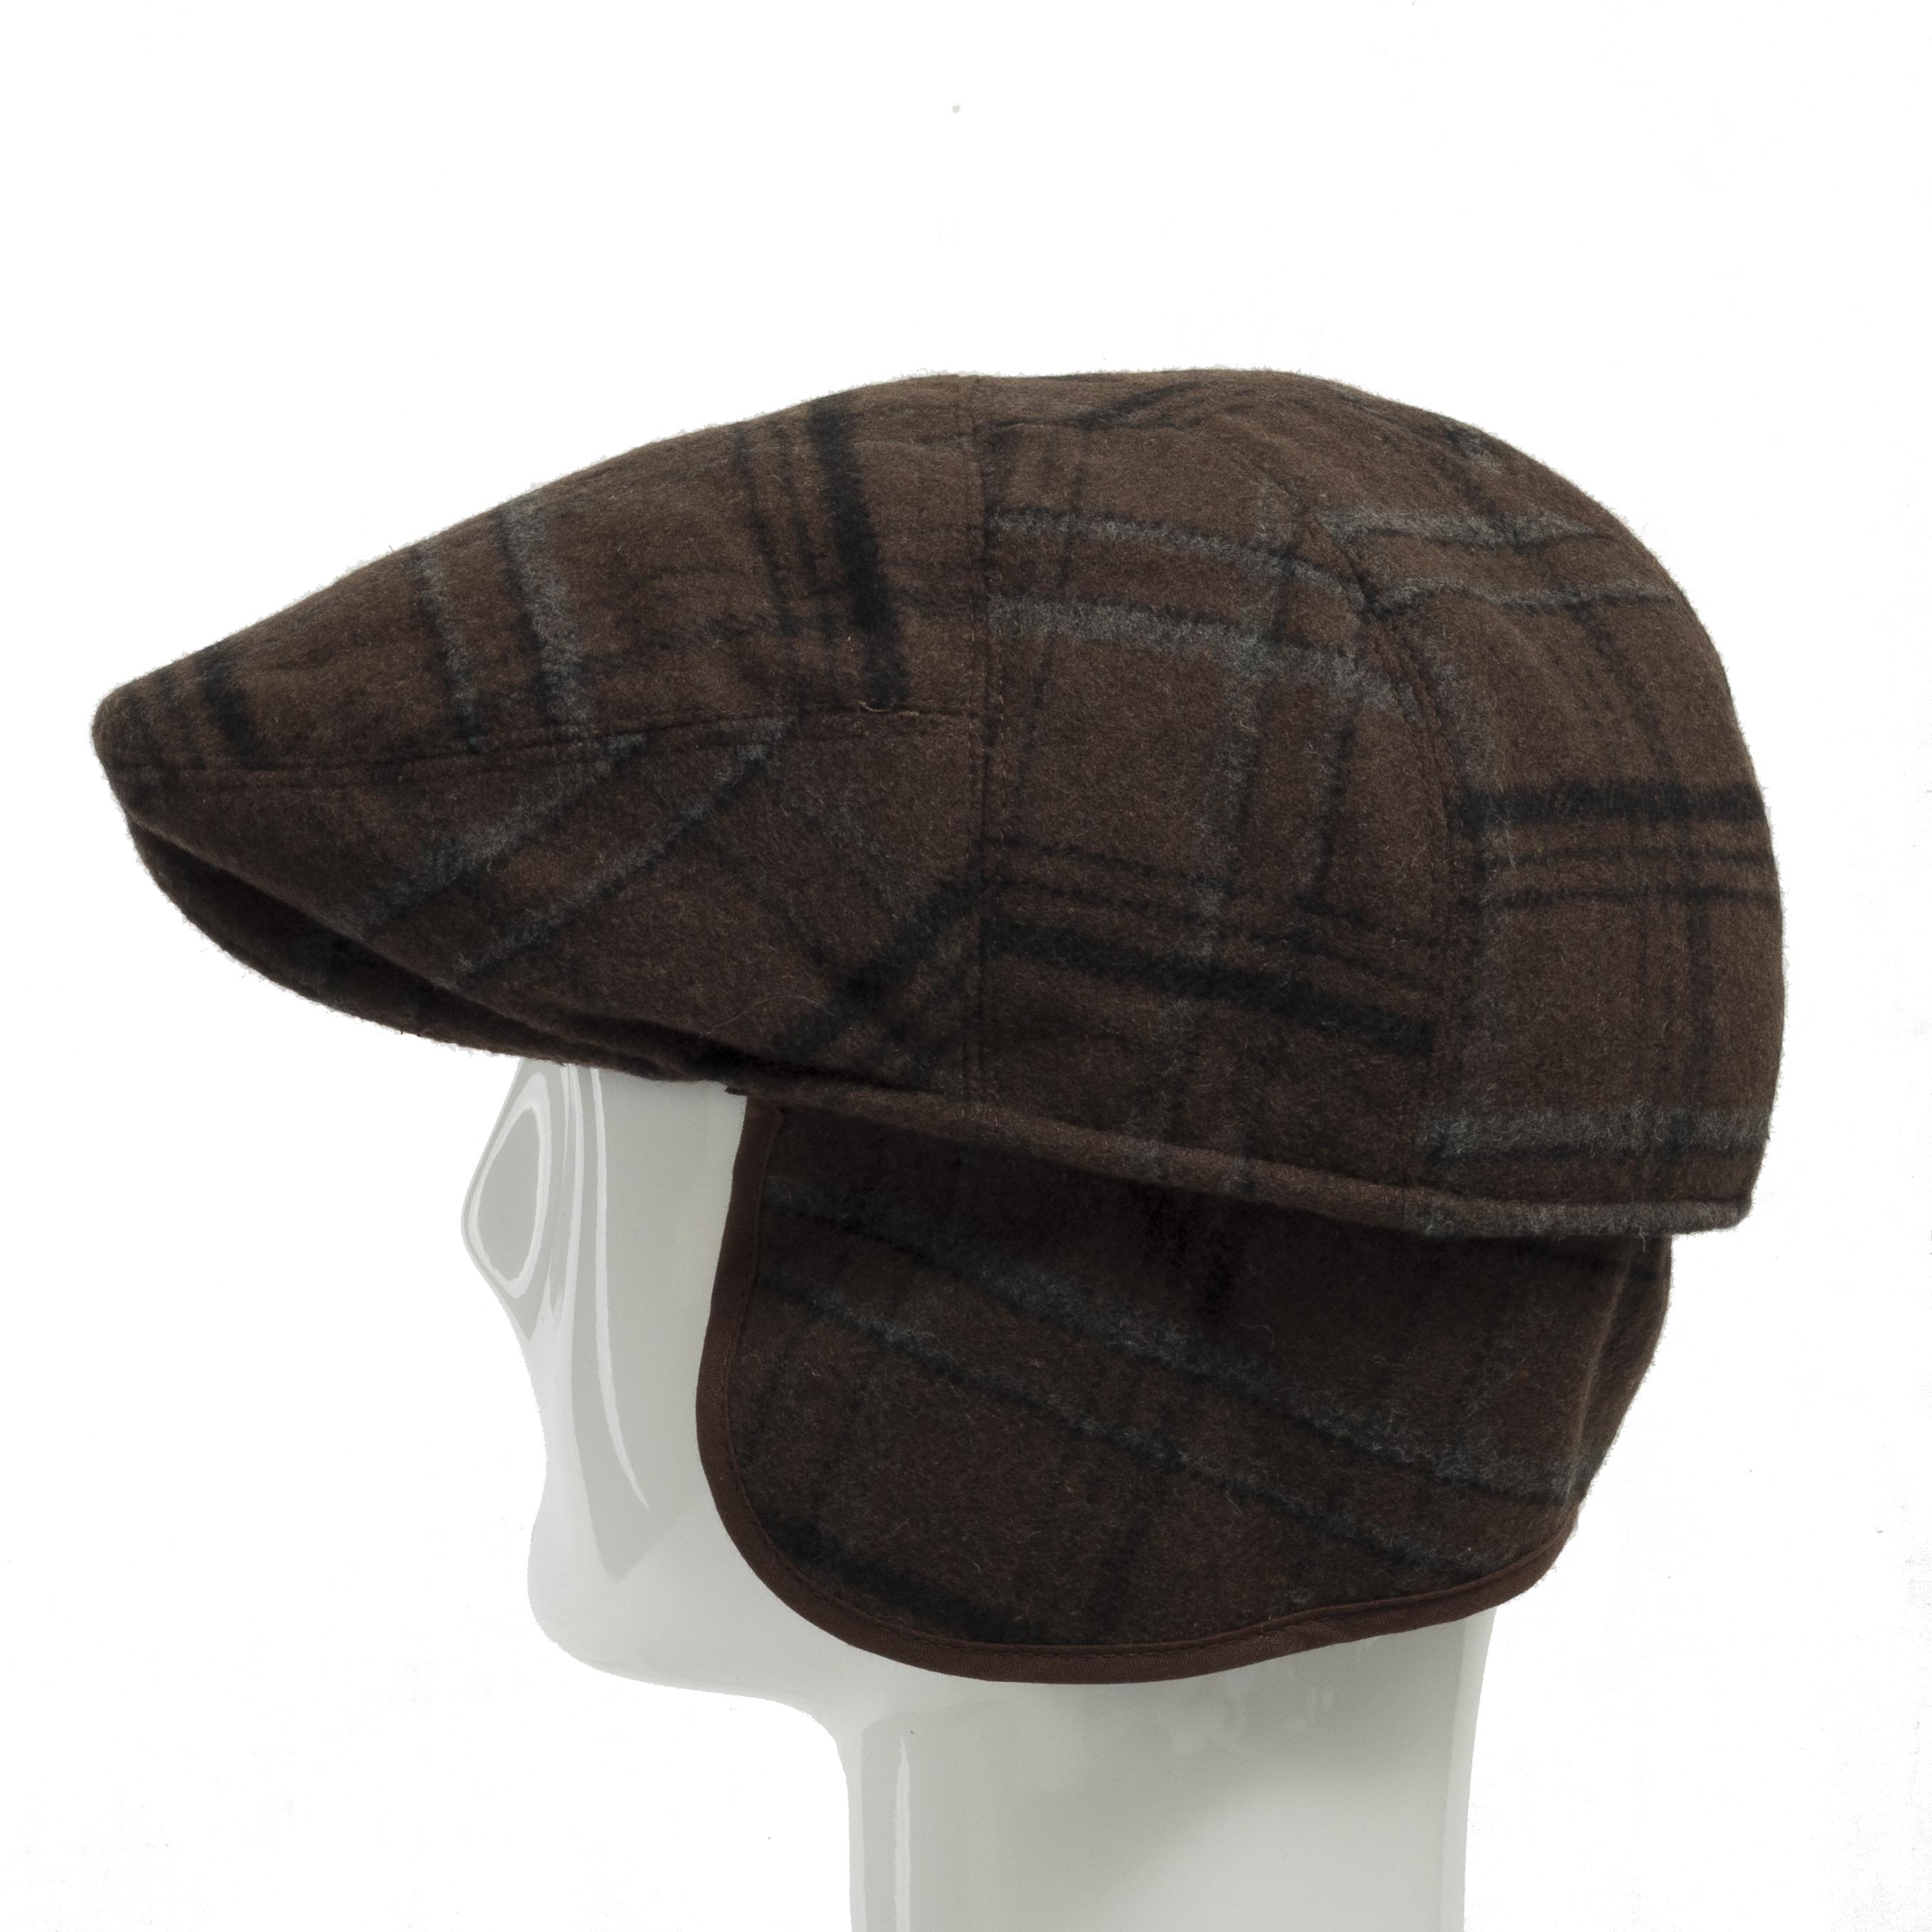 7f6a99ddab969 Tusco Wool Grey Plaid Ivy Cap Newsboy Hat Ear Flap